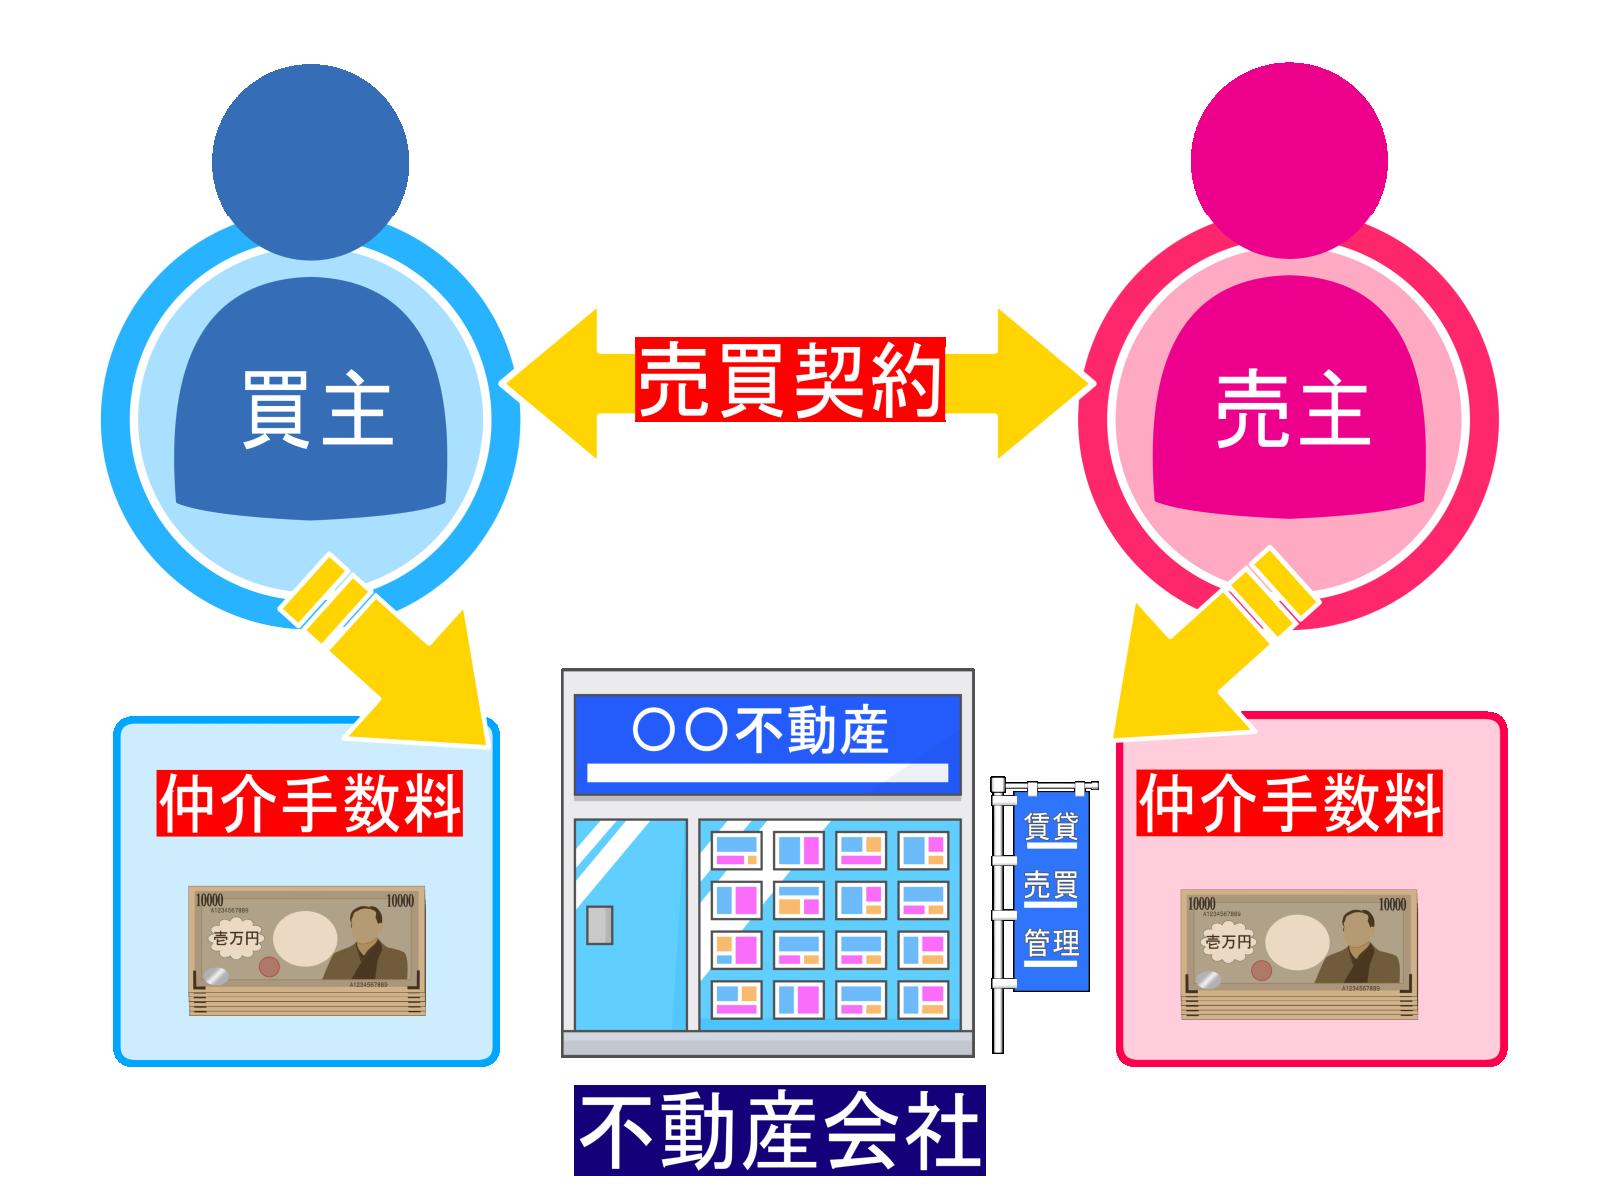 仲介手数料イメージ図